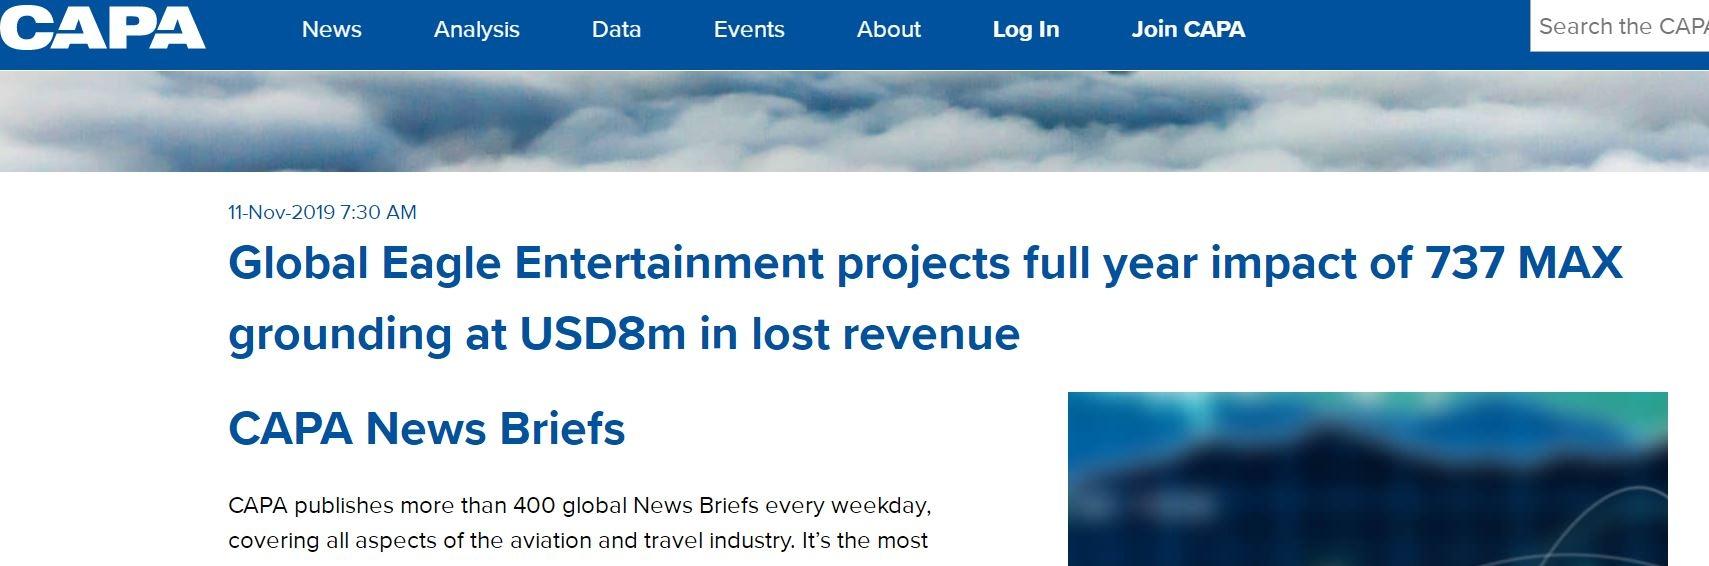 737MAX停飞致全球鹰娱乐全年损失约800万美元